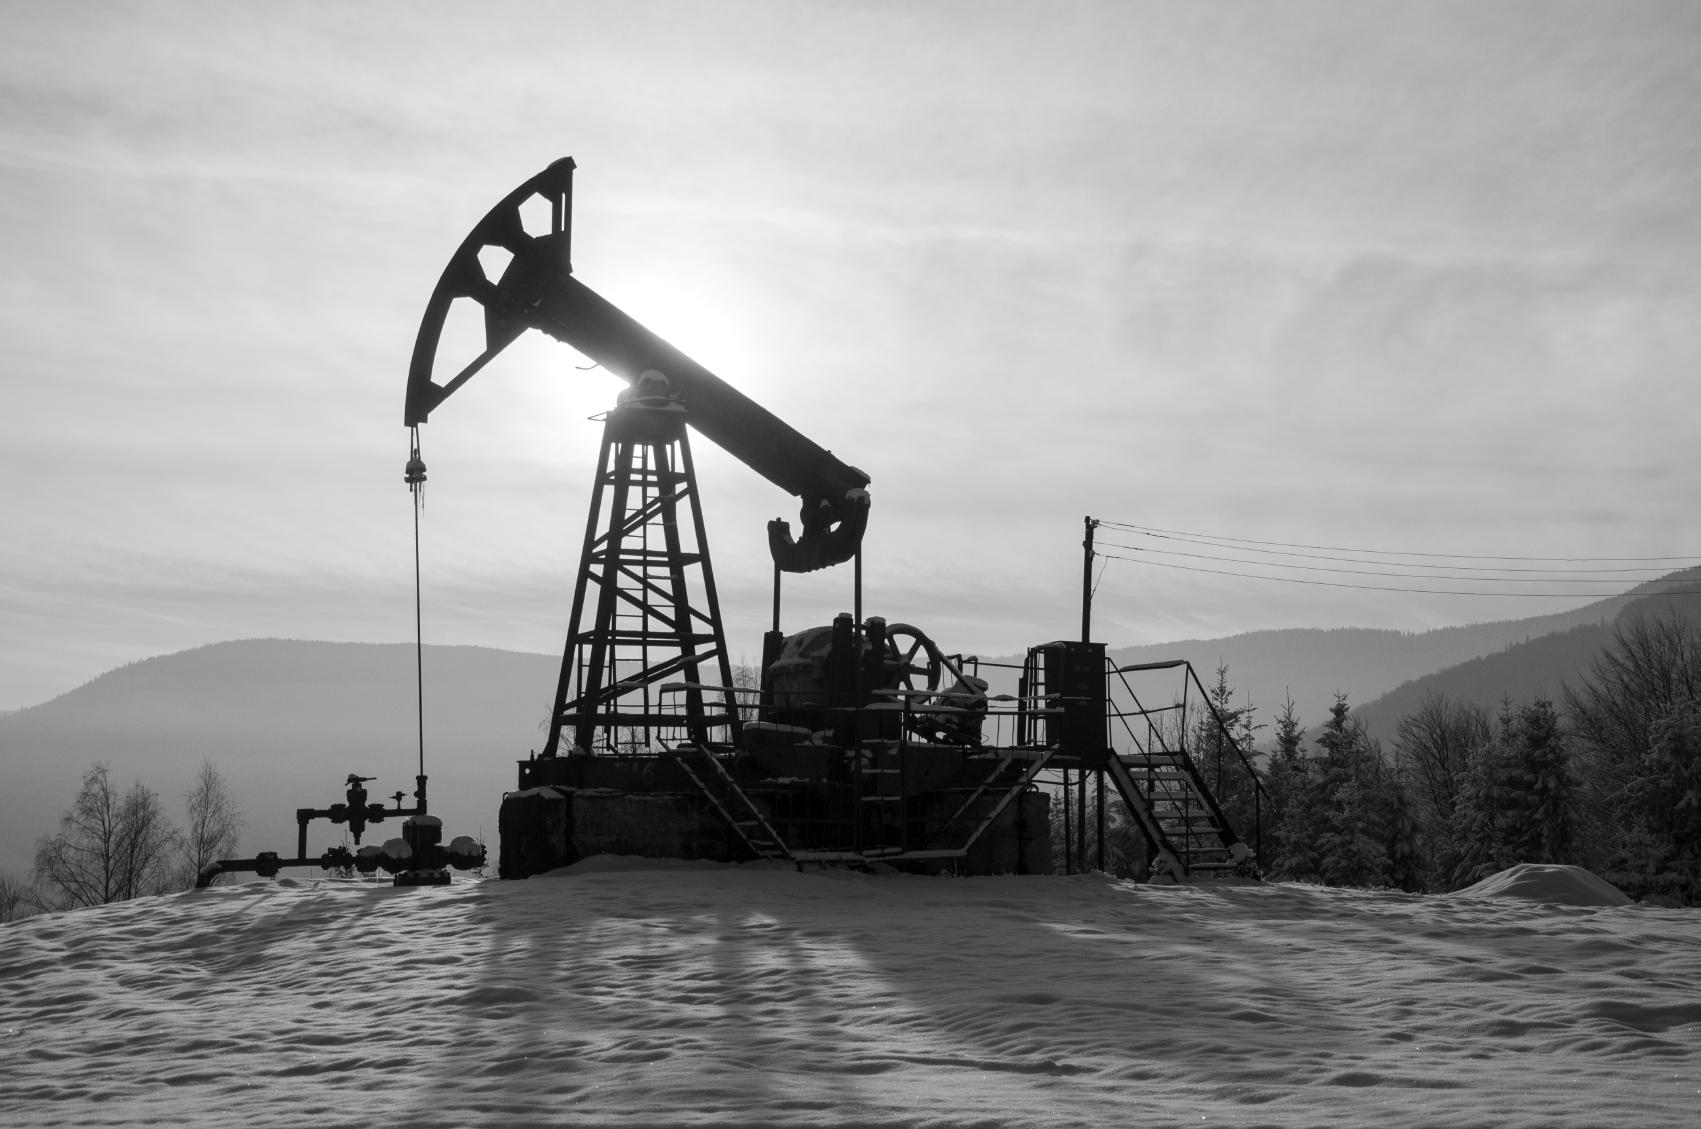 ABŞ-da dünyanın 4-cü ən böyük neft yatağı kəşf edilib